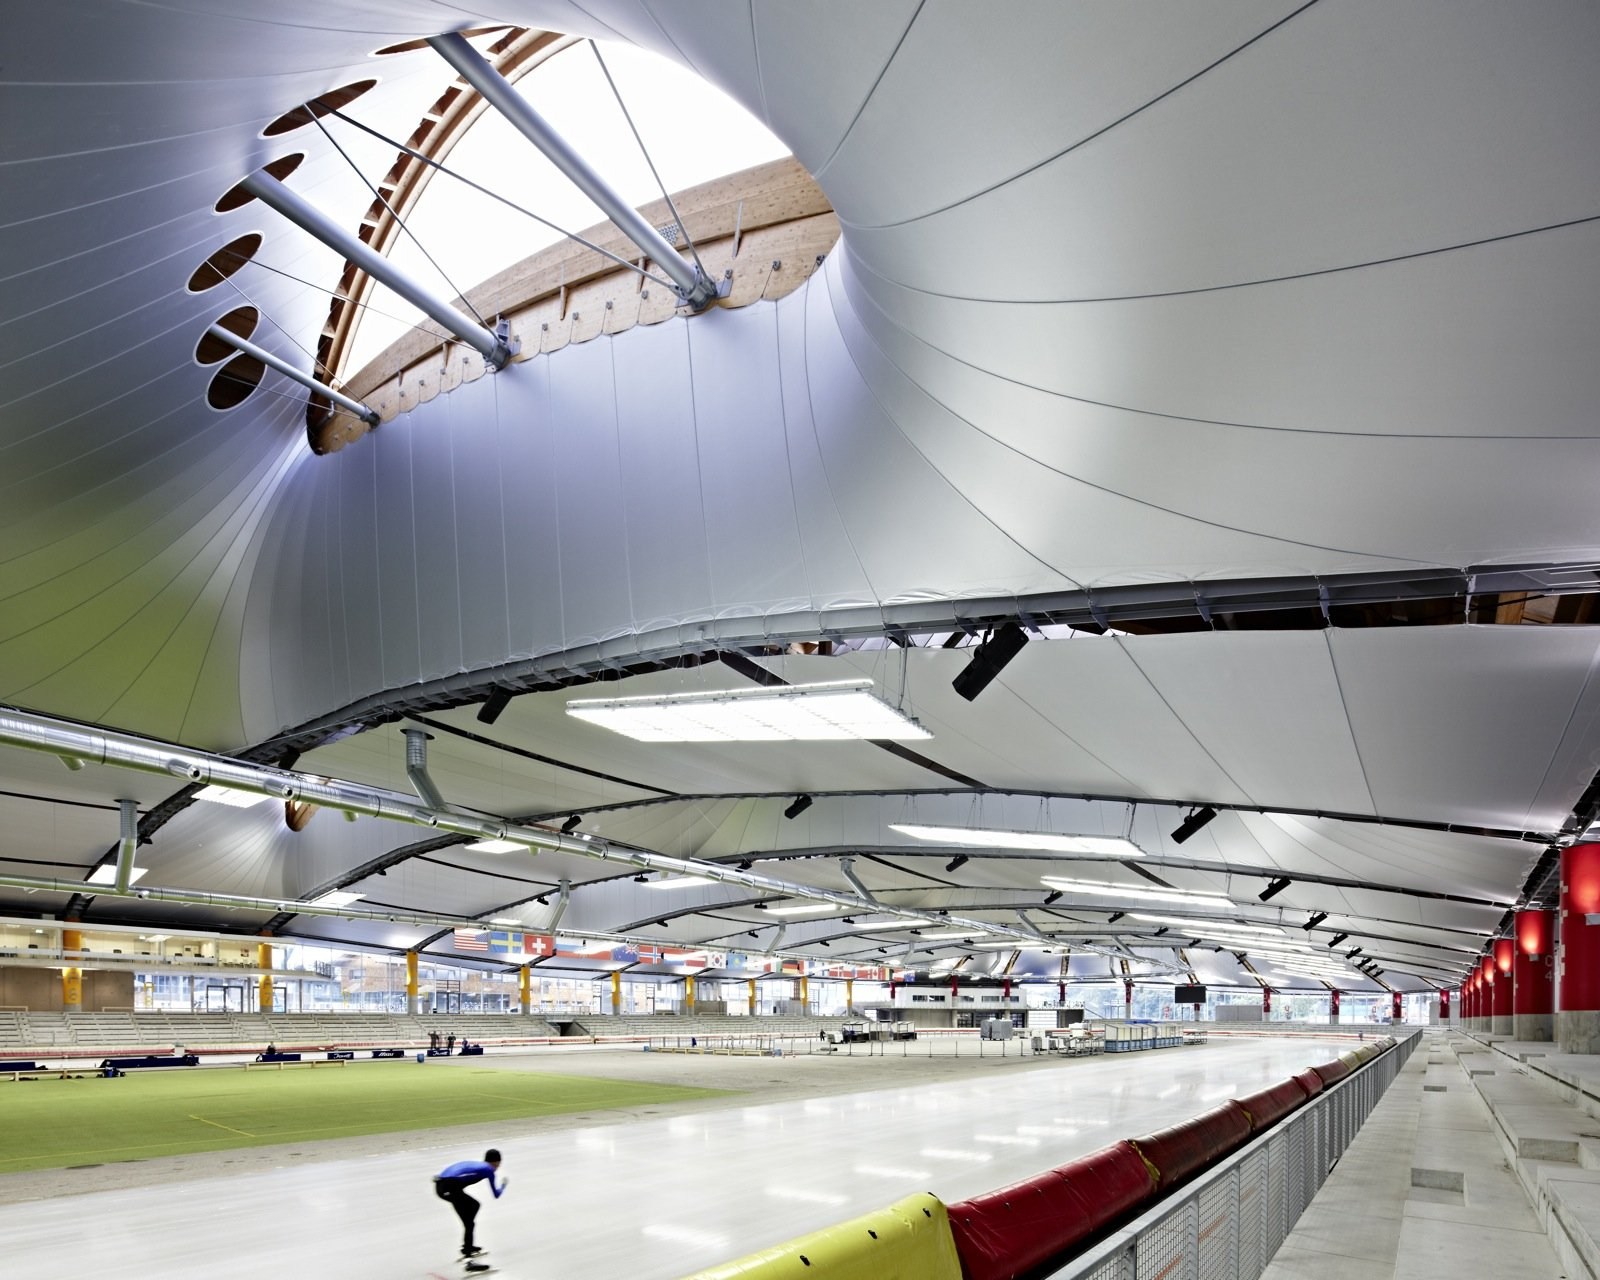 Die alte Eisschnelllaufhalle in Inzell wurde für die Weltmeisterschaften 2011 modernisiert. Sie wurde mit einer Glasfassade geschlossen und erhielt ein plastisch bewegtes Dach aus Membranschichten. Das Dach ist zugleich ästhetisches Charakteristikum der Halle und hat außerdem eine sehr gute isolierende Wirkung.